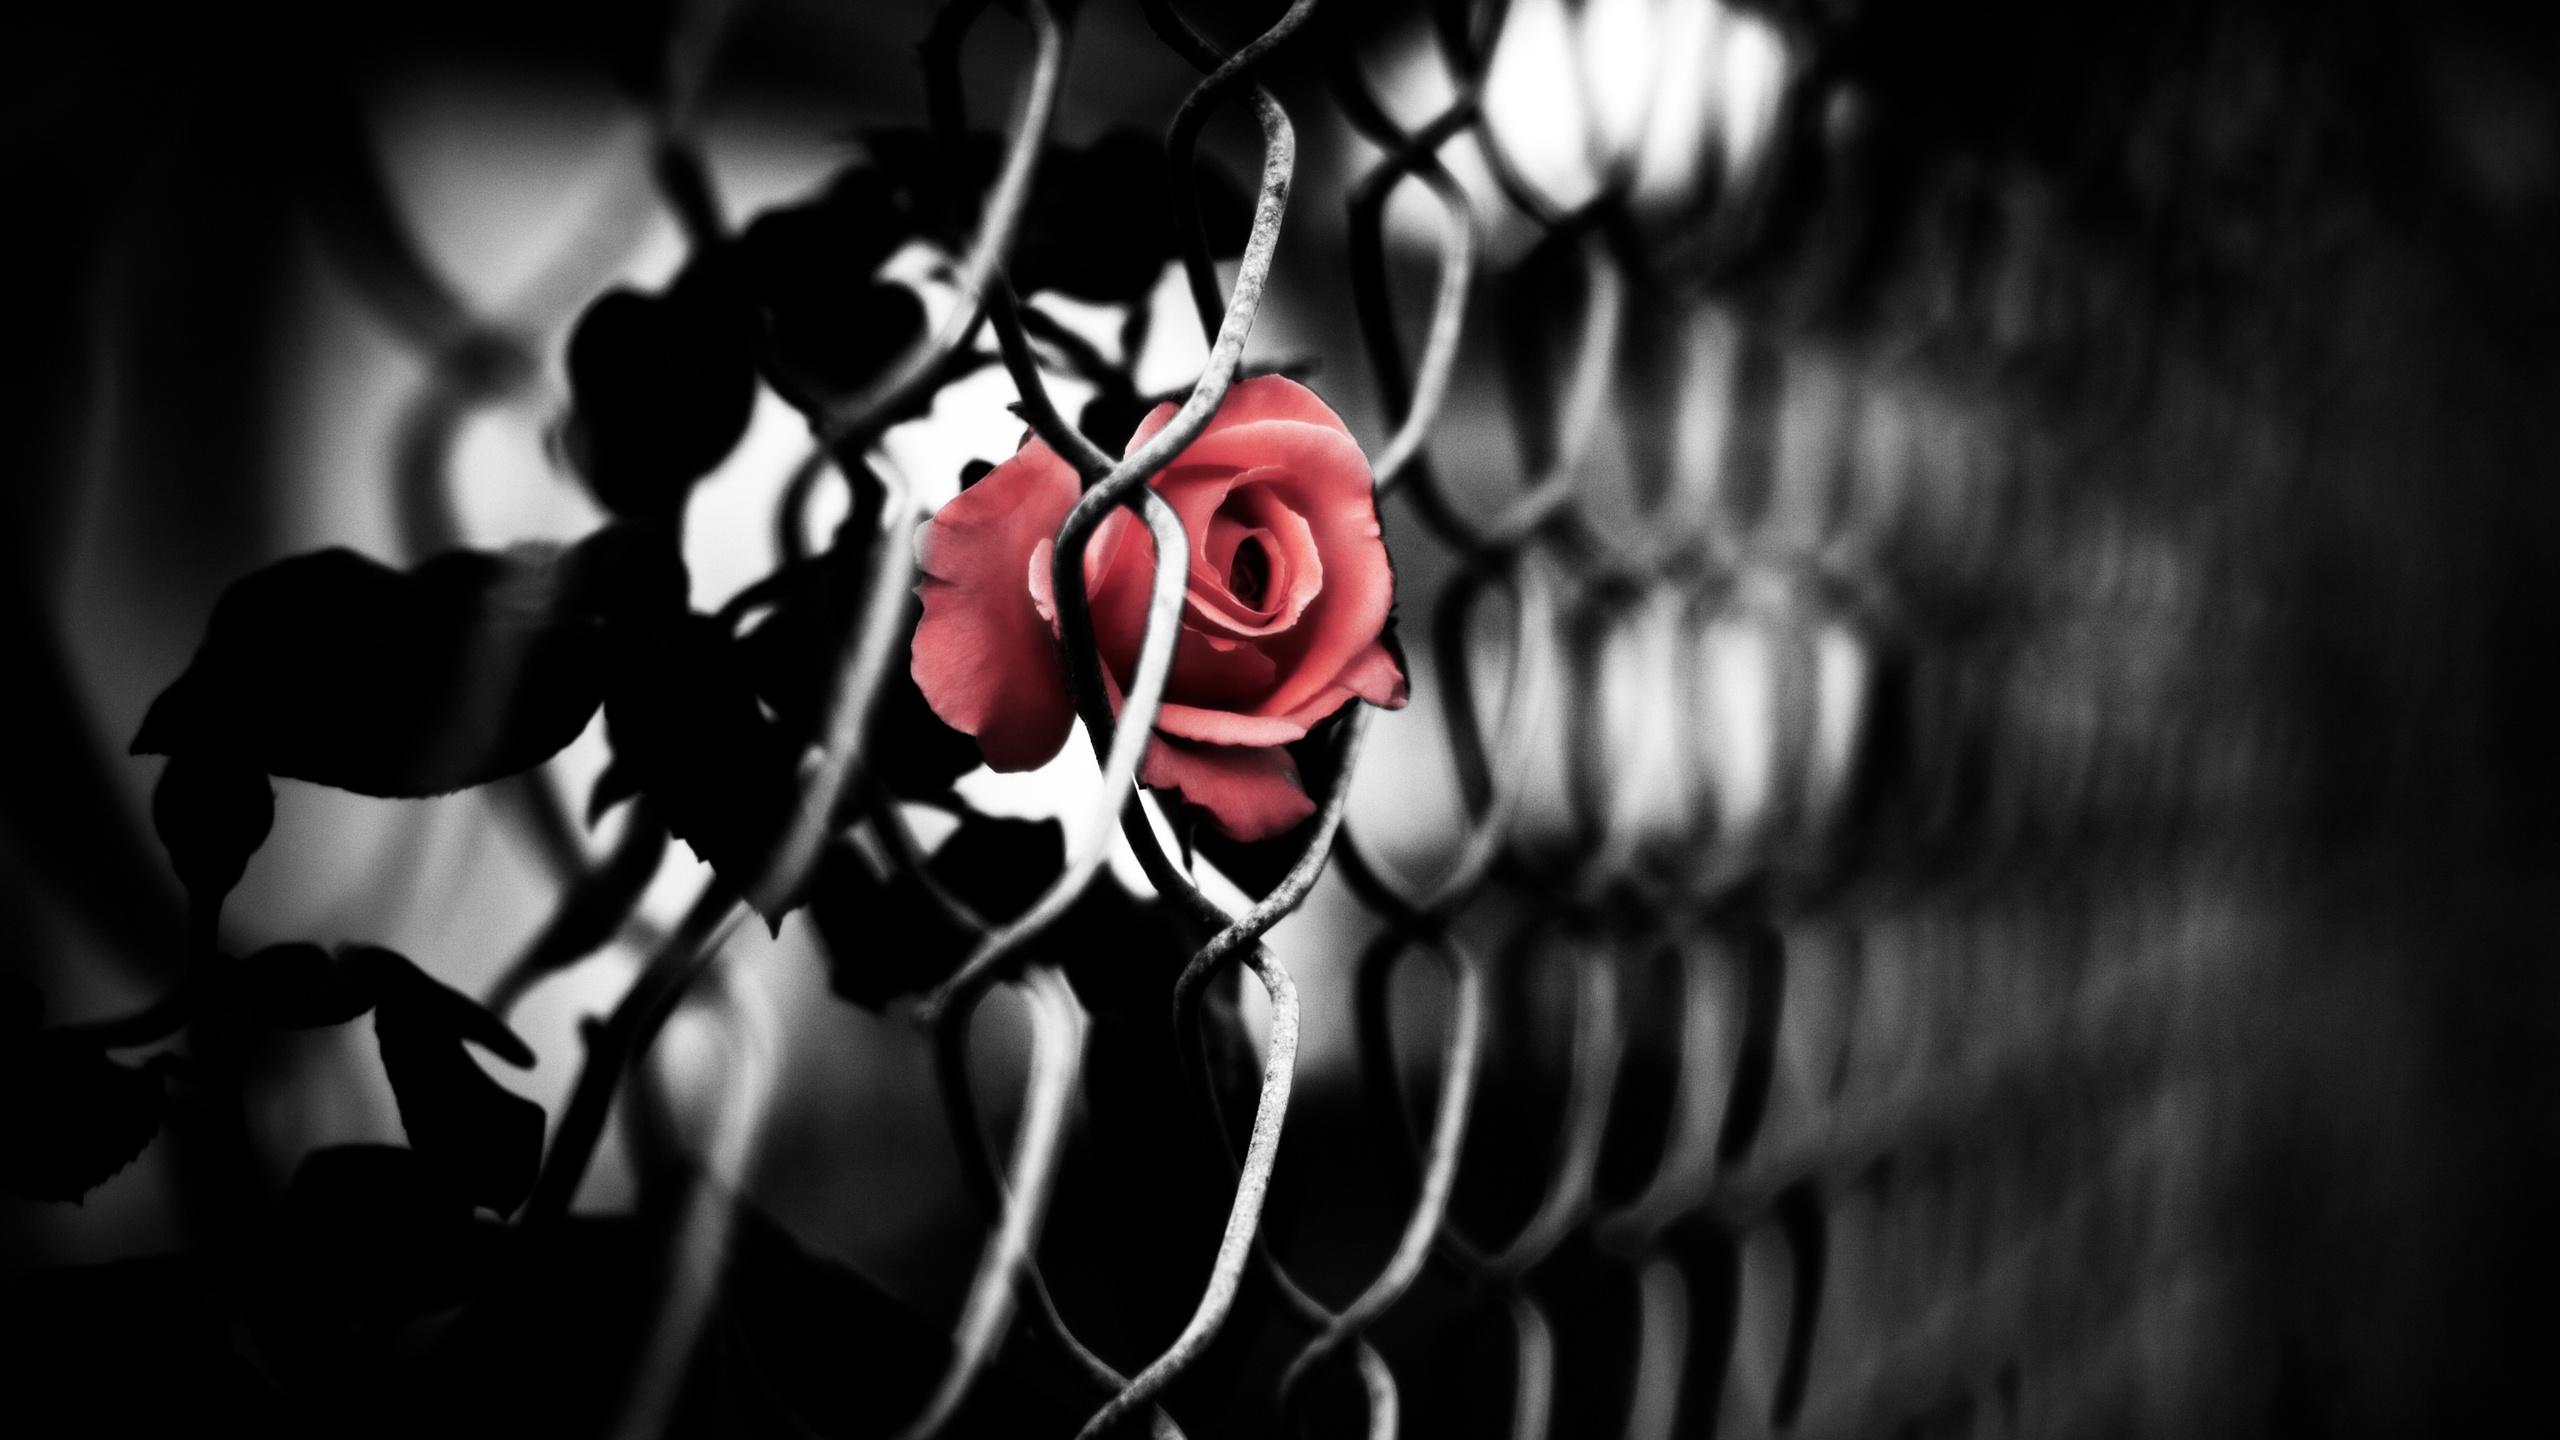 картинки бело-красно-черного цвета которой